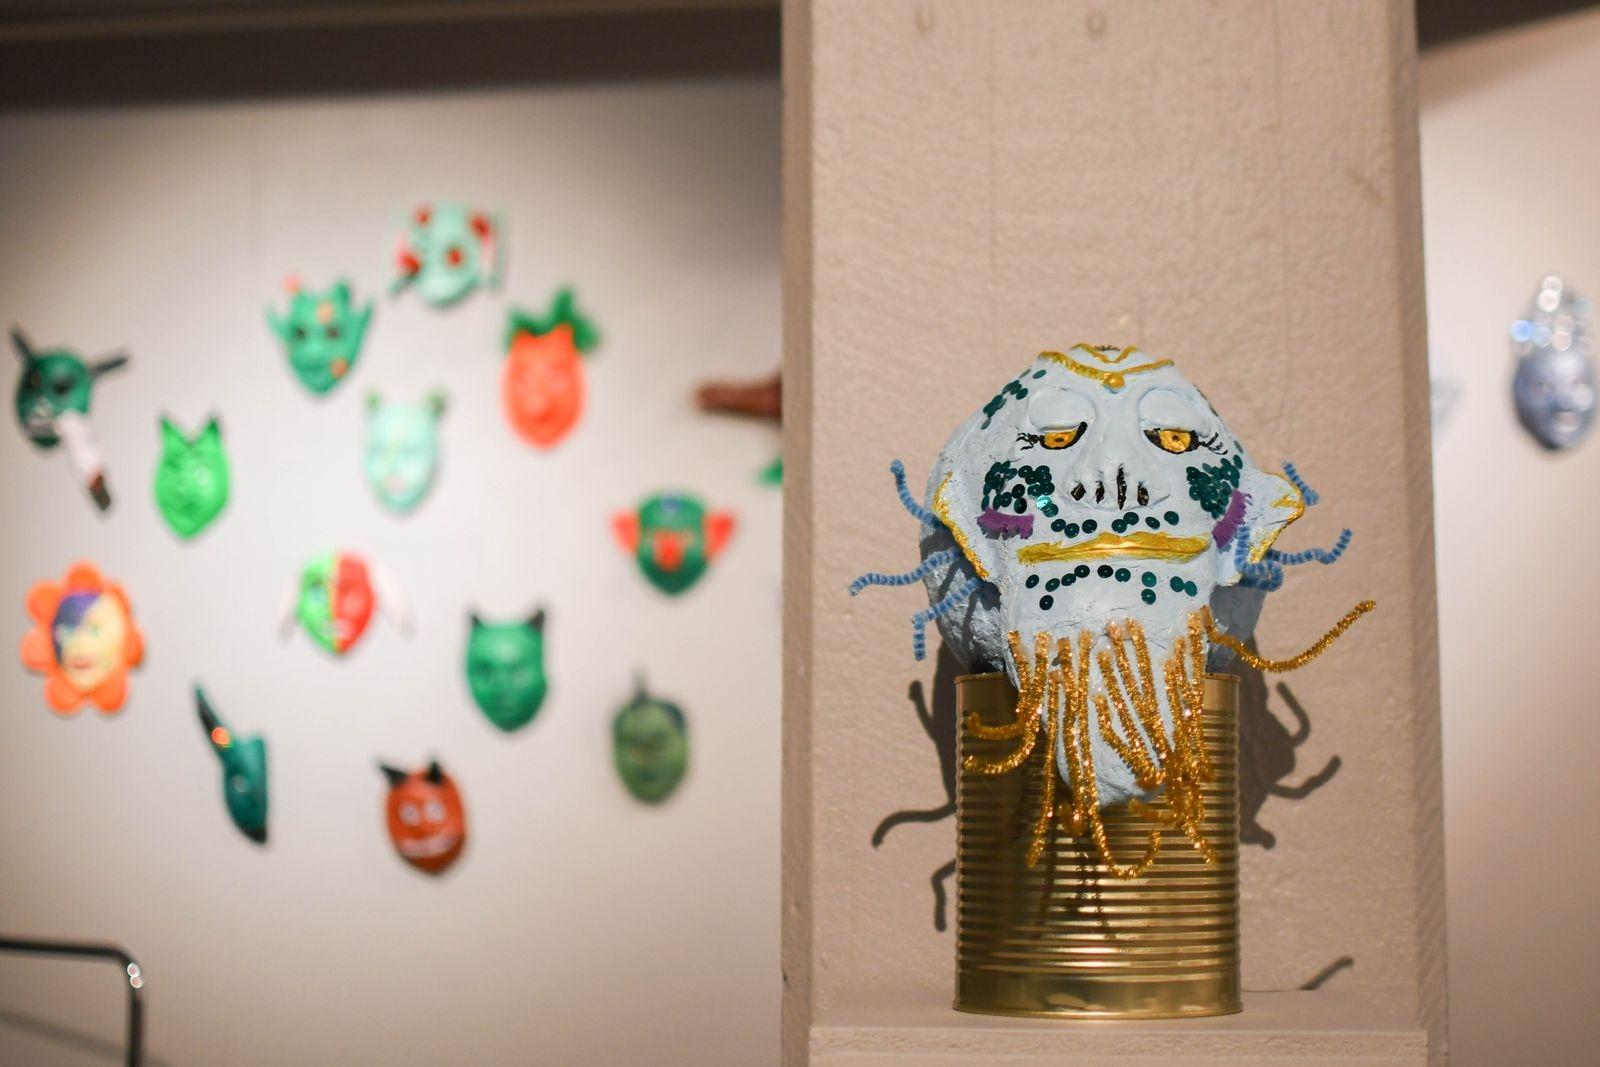 En trappa ner visas även masker som eleverna i årskurs 9 på Kastanjeskolan i Tomelilla skapat med inspiration från fantasygenren.